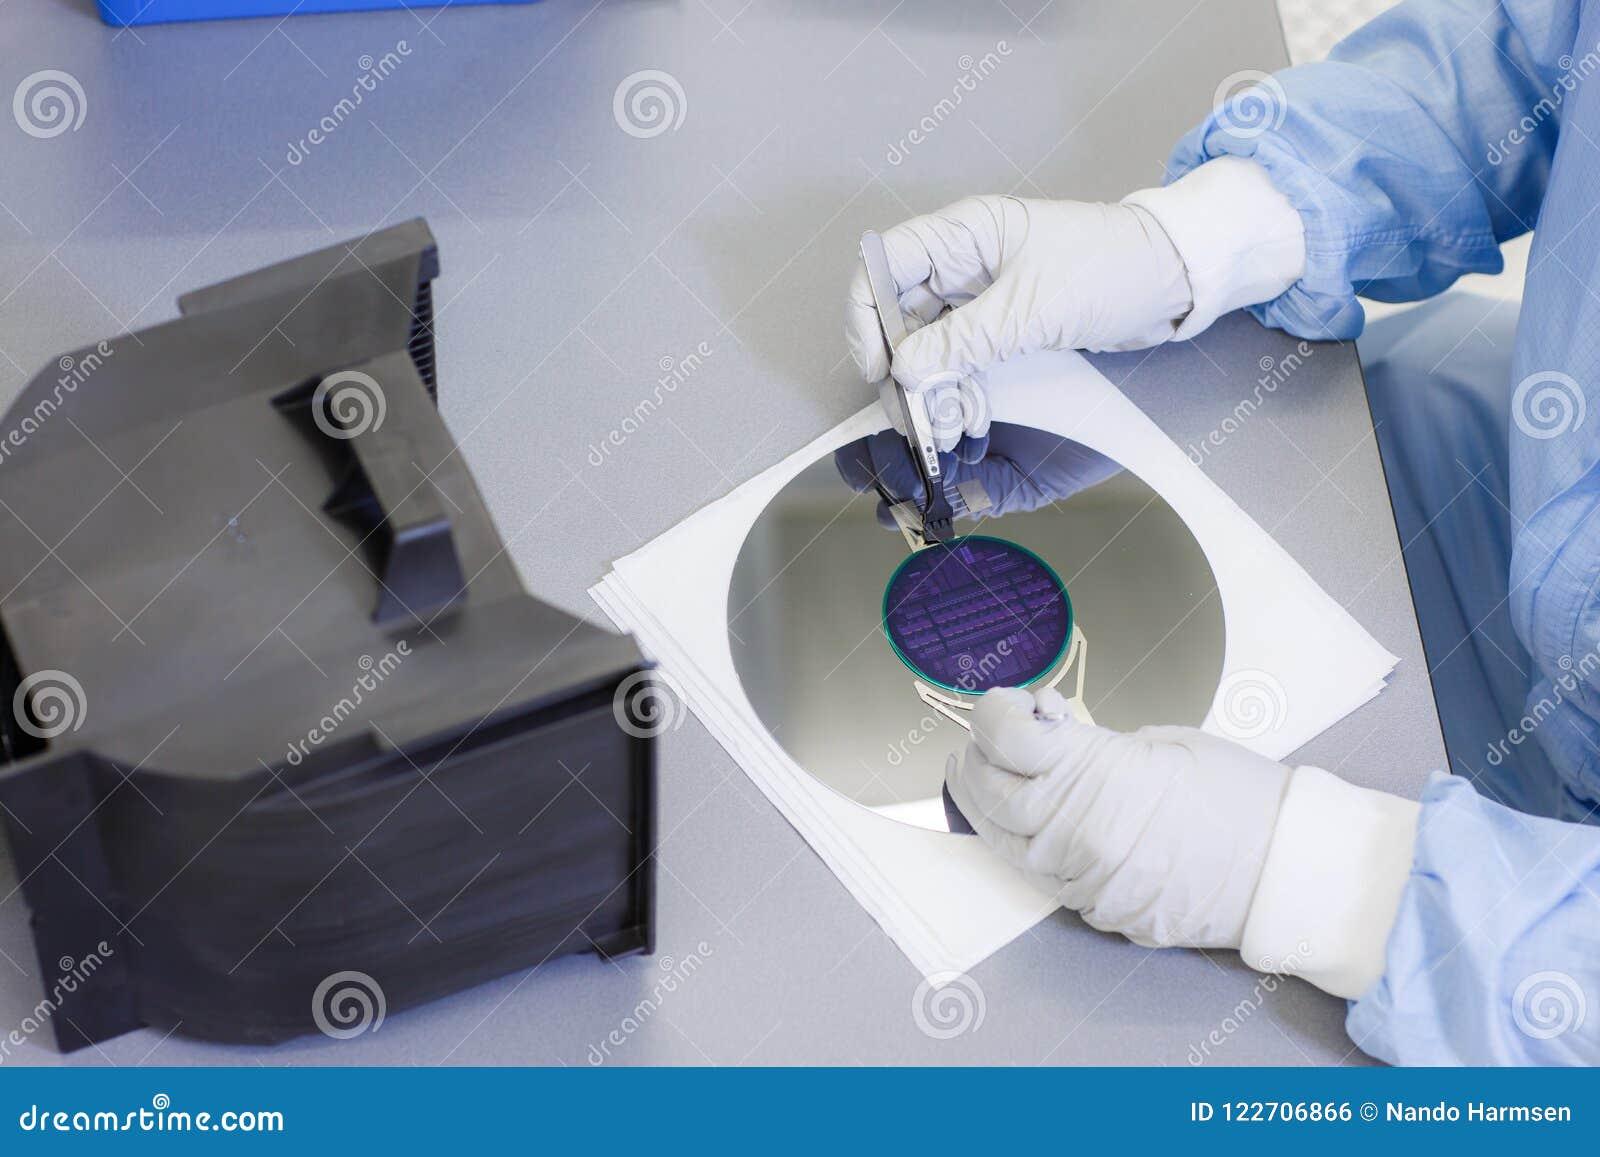 Manipulation d une gaufrette et chargement de elle dans une cassette de gaufrette